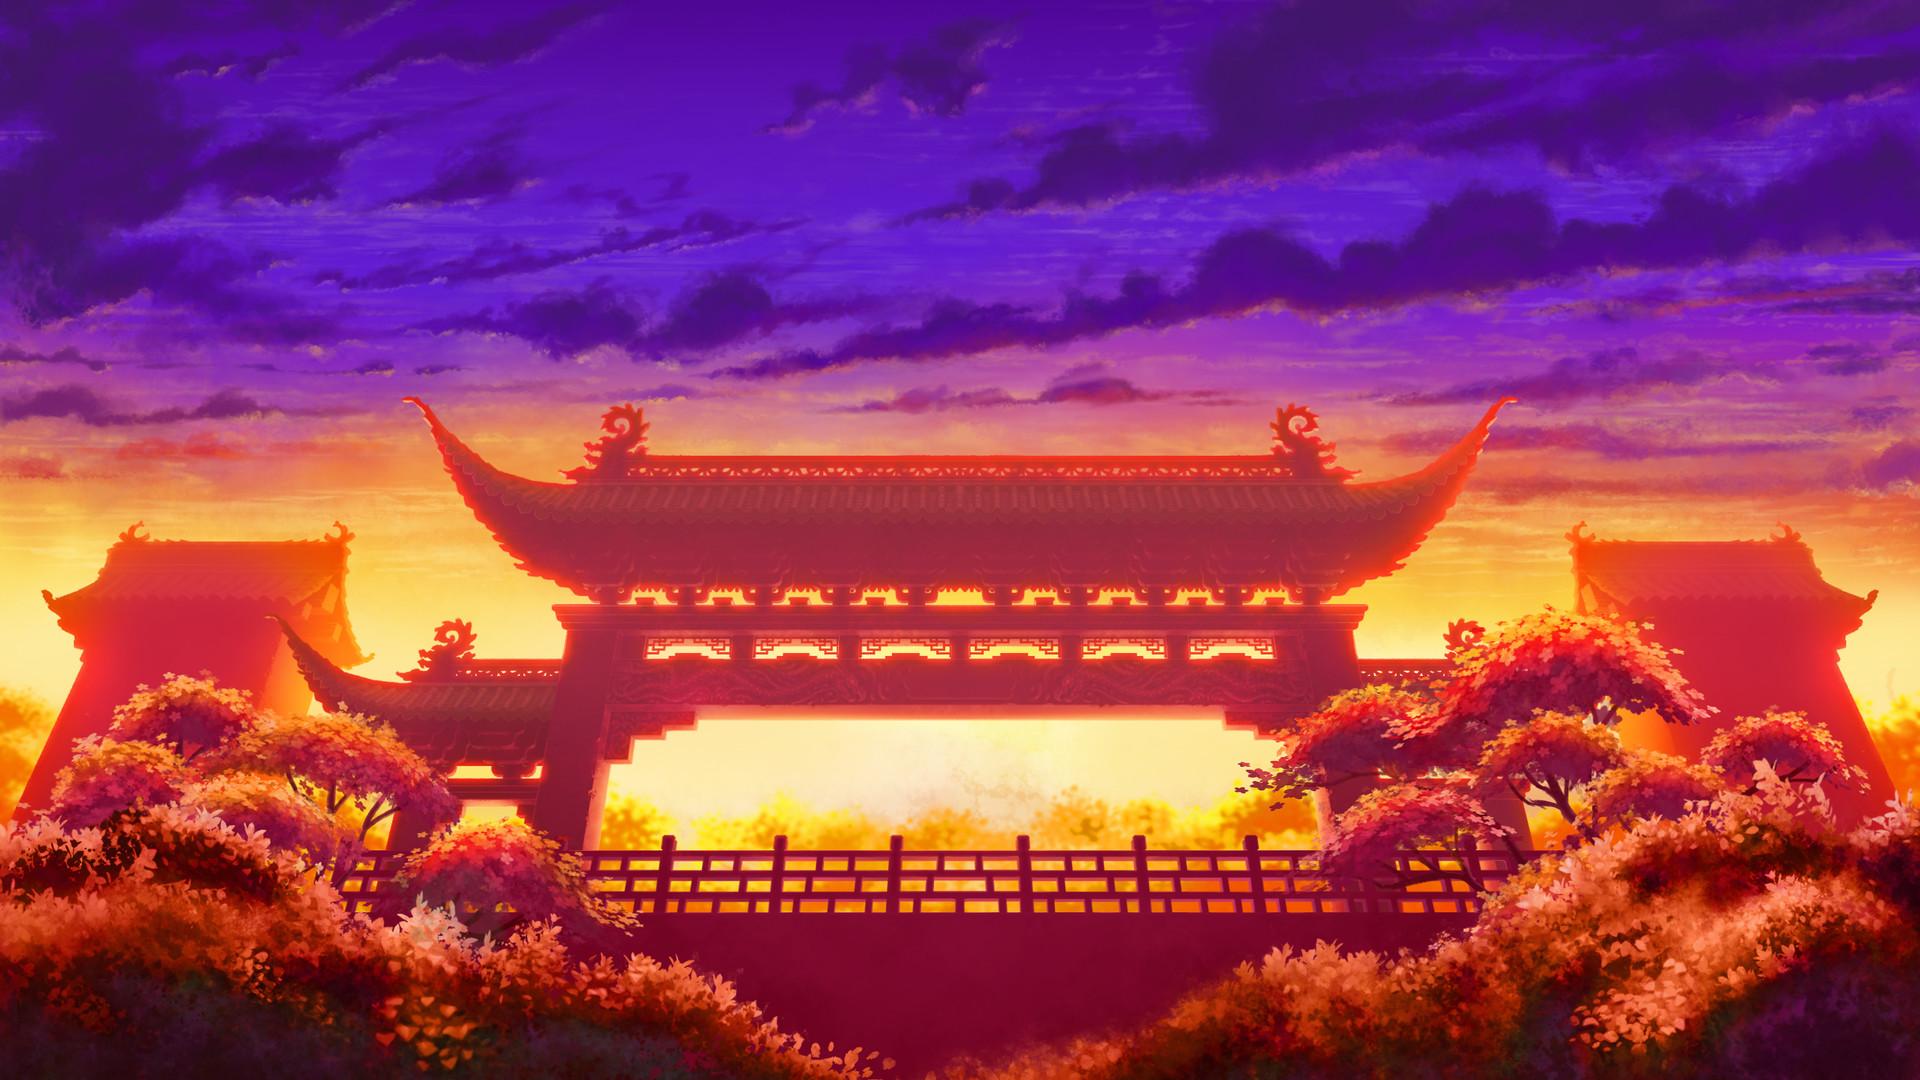 Pat bollin chinese gate final 2